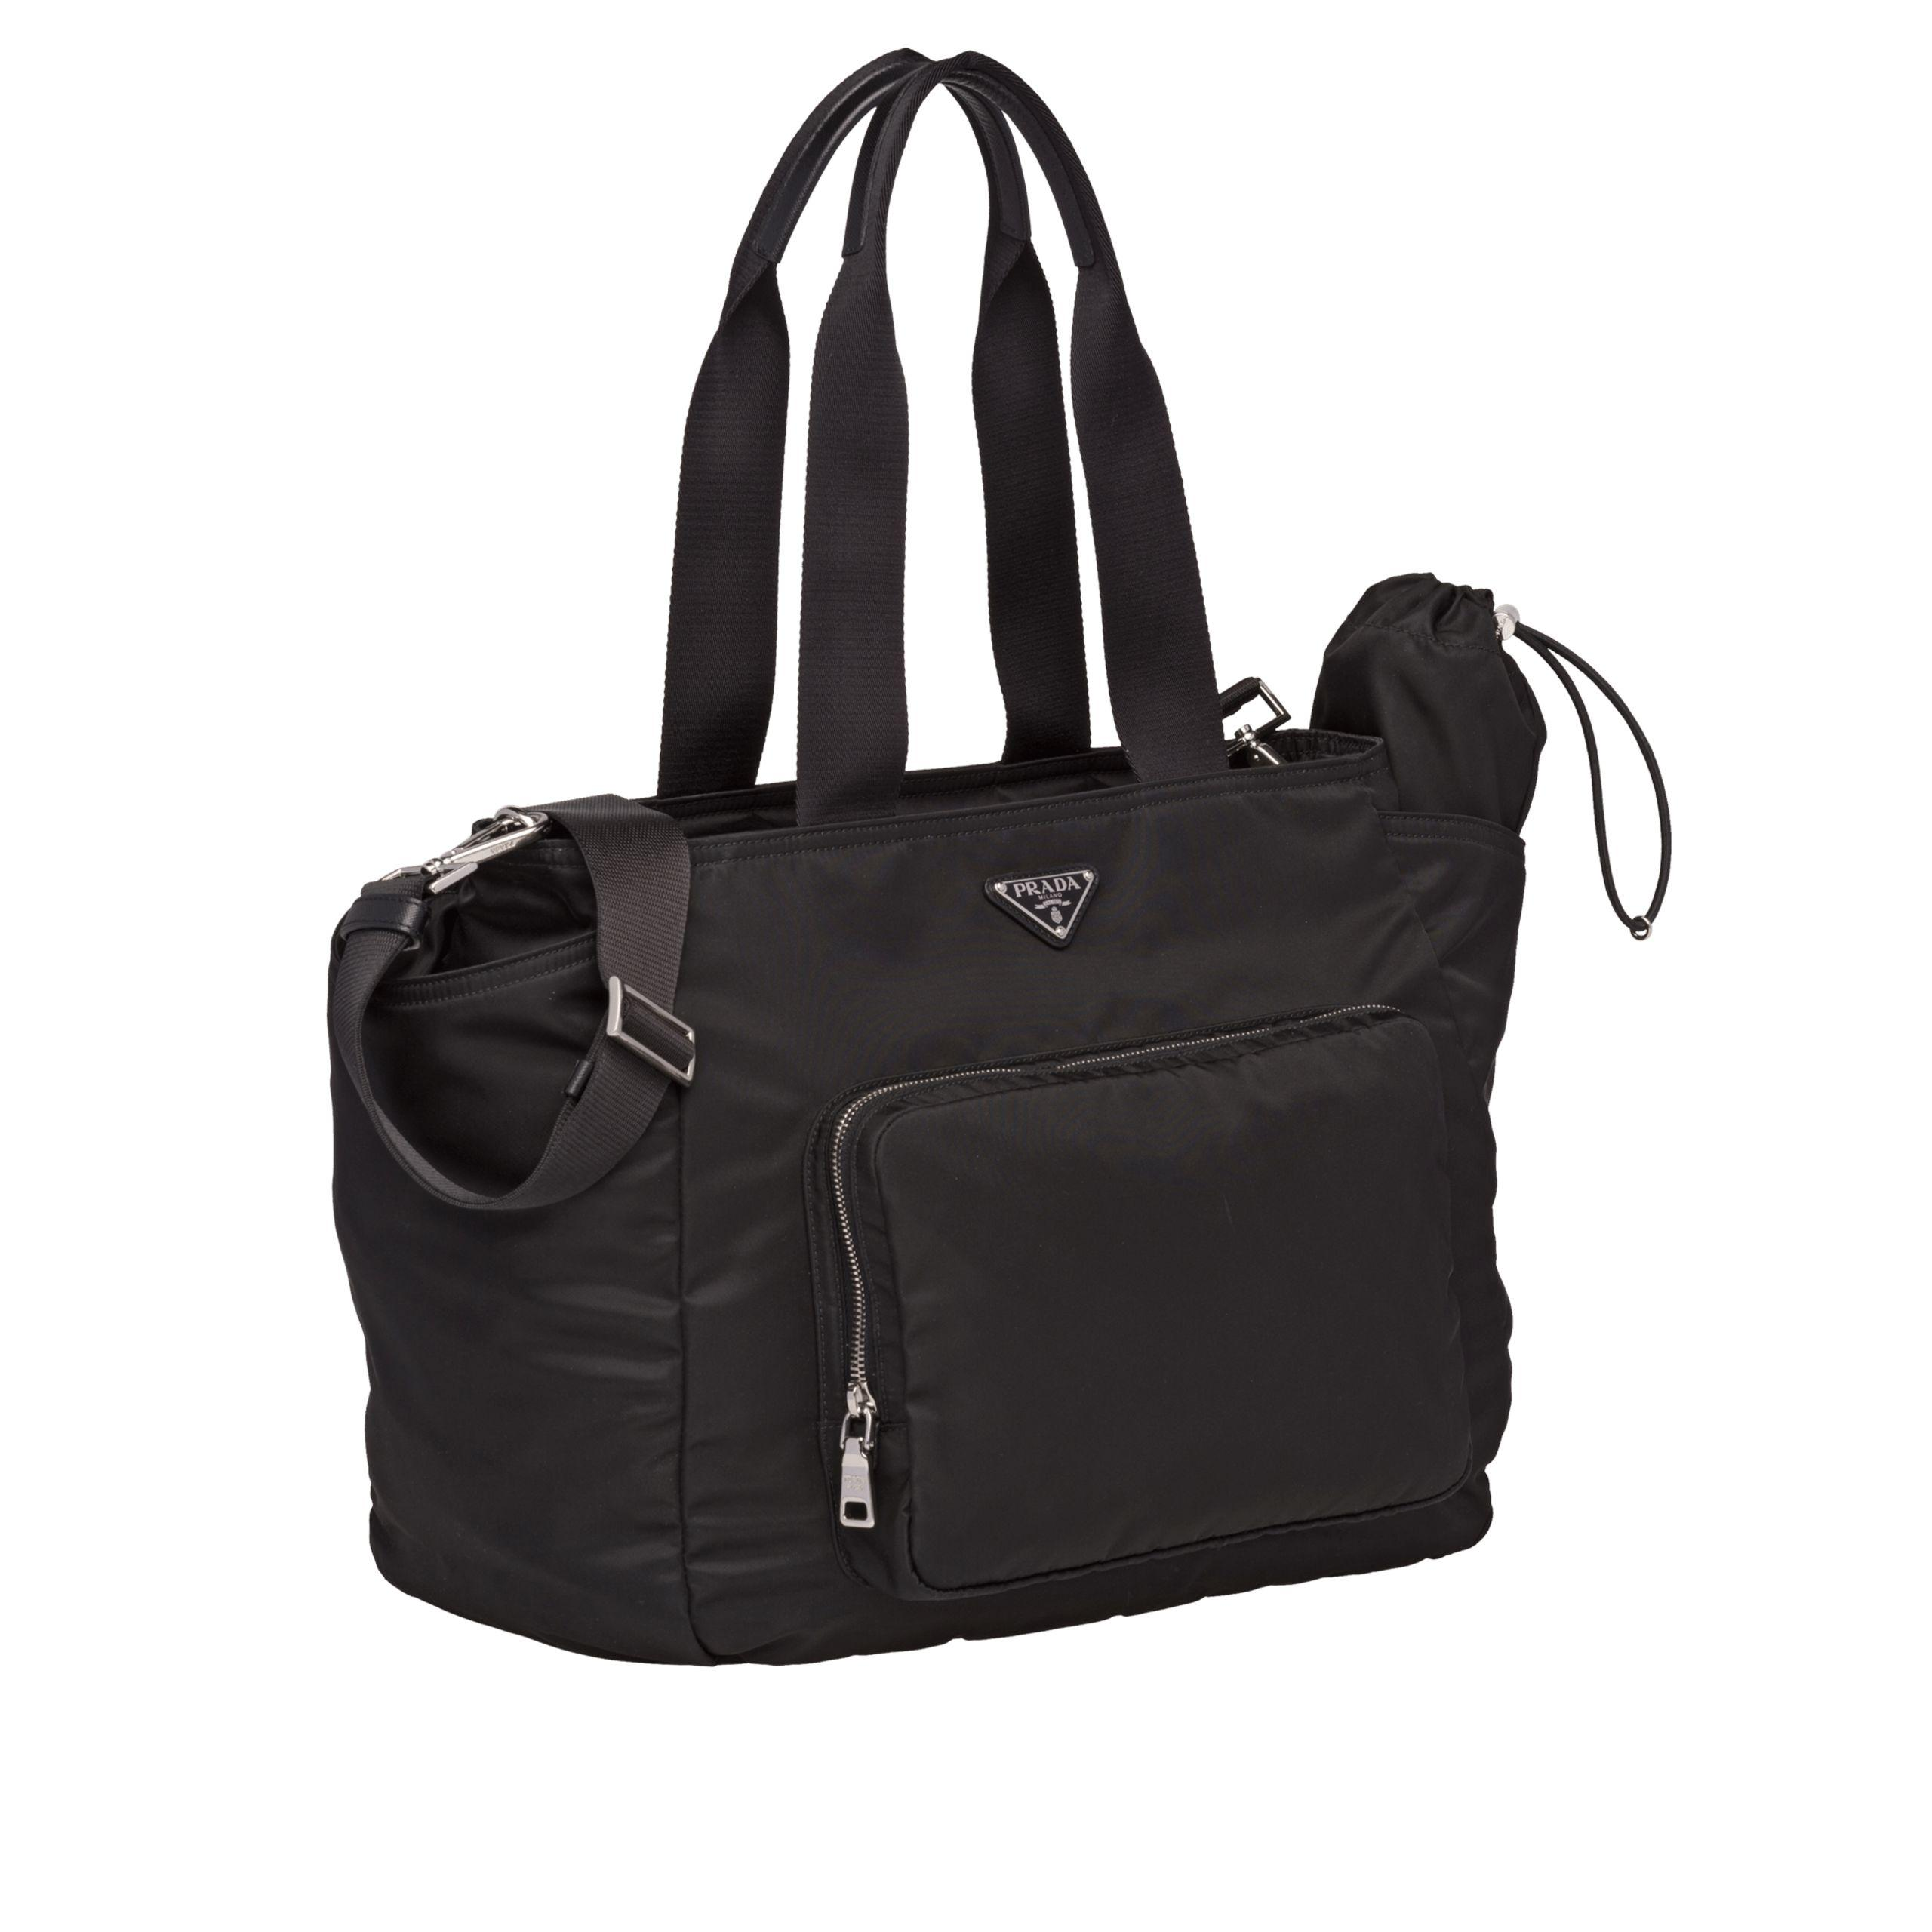 8c60ac3990cd Prada - Black Fabric Baby Bag - Lyst. View fullscreen